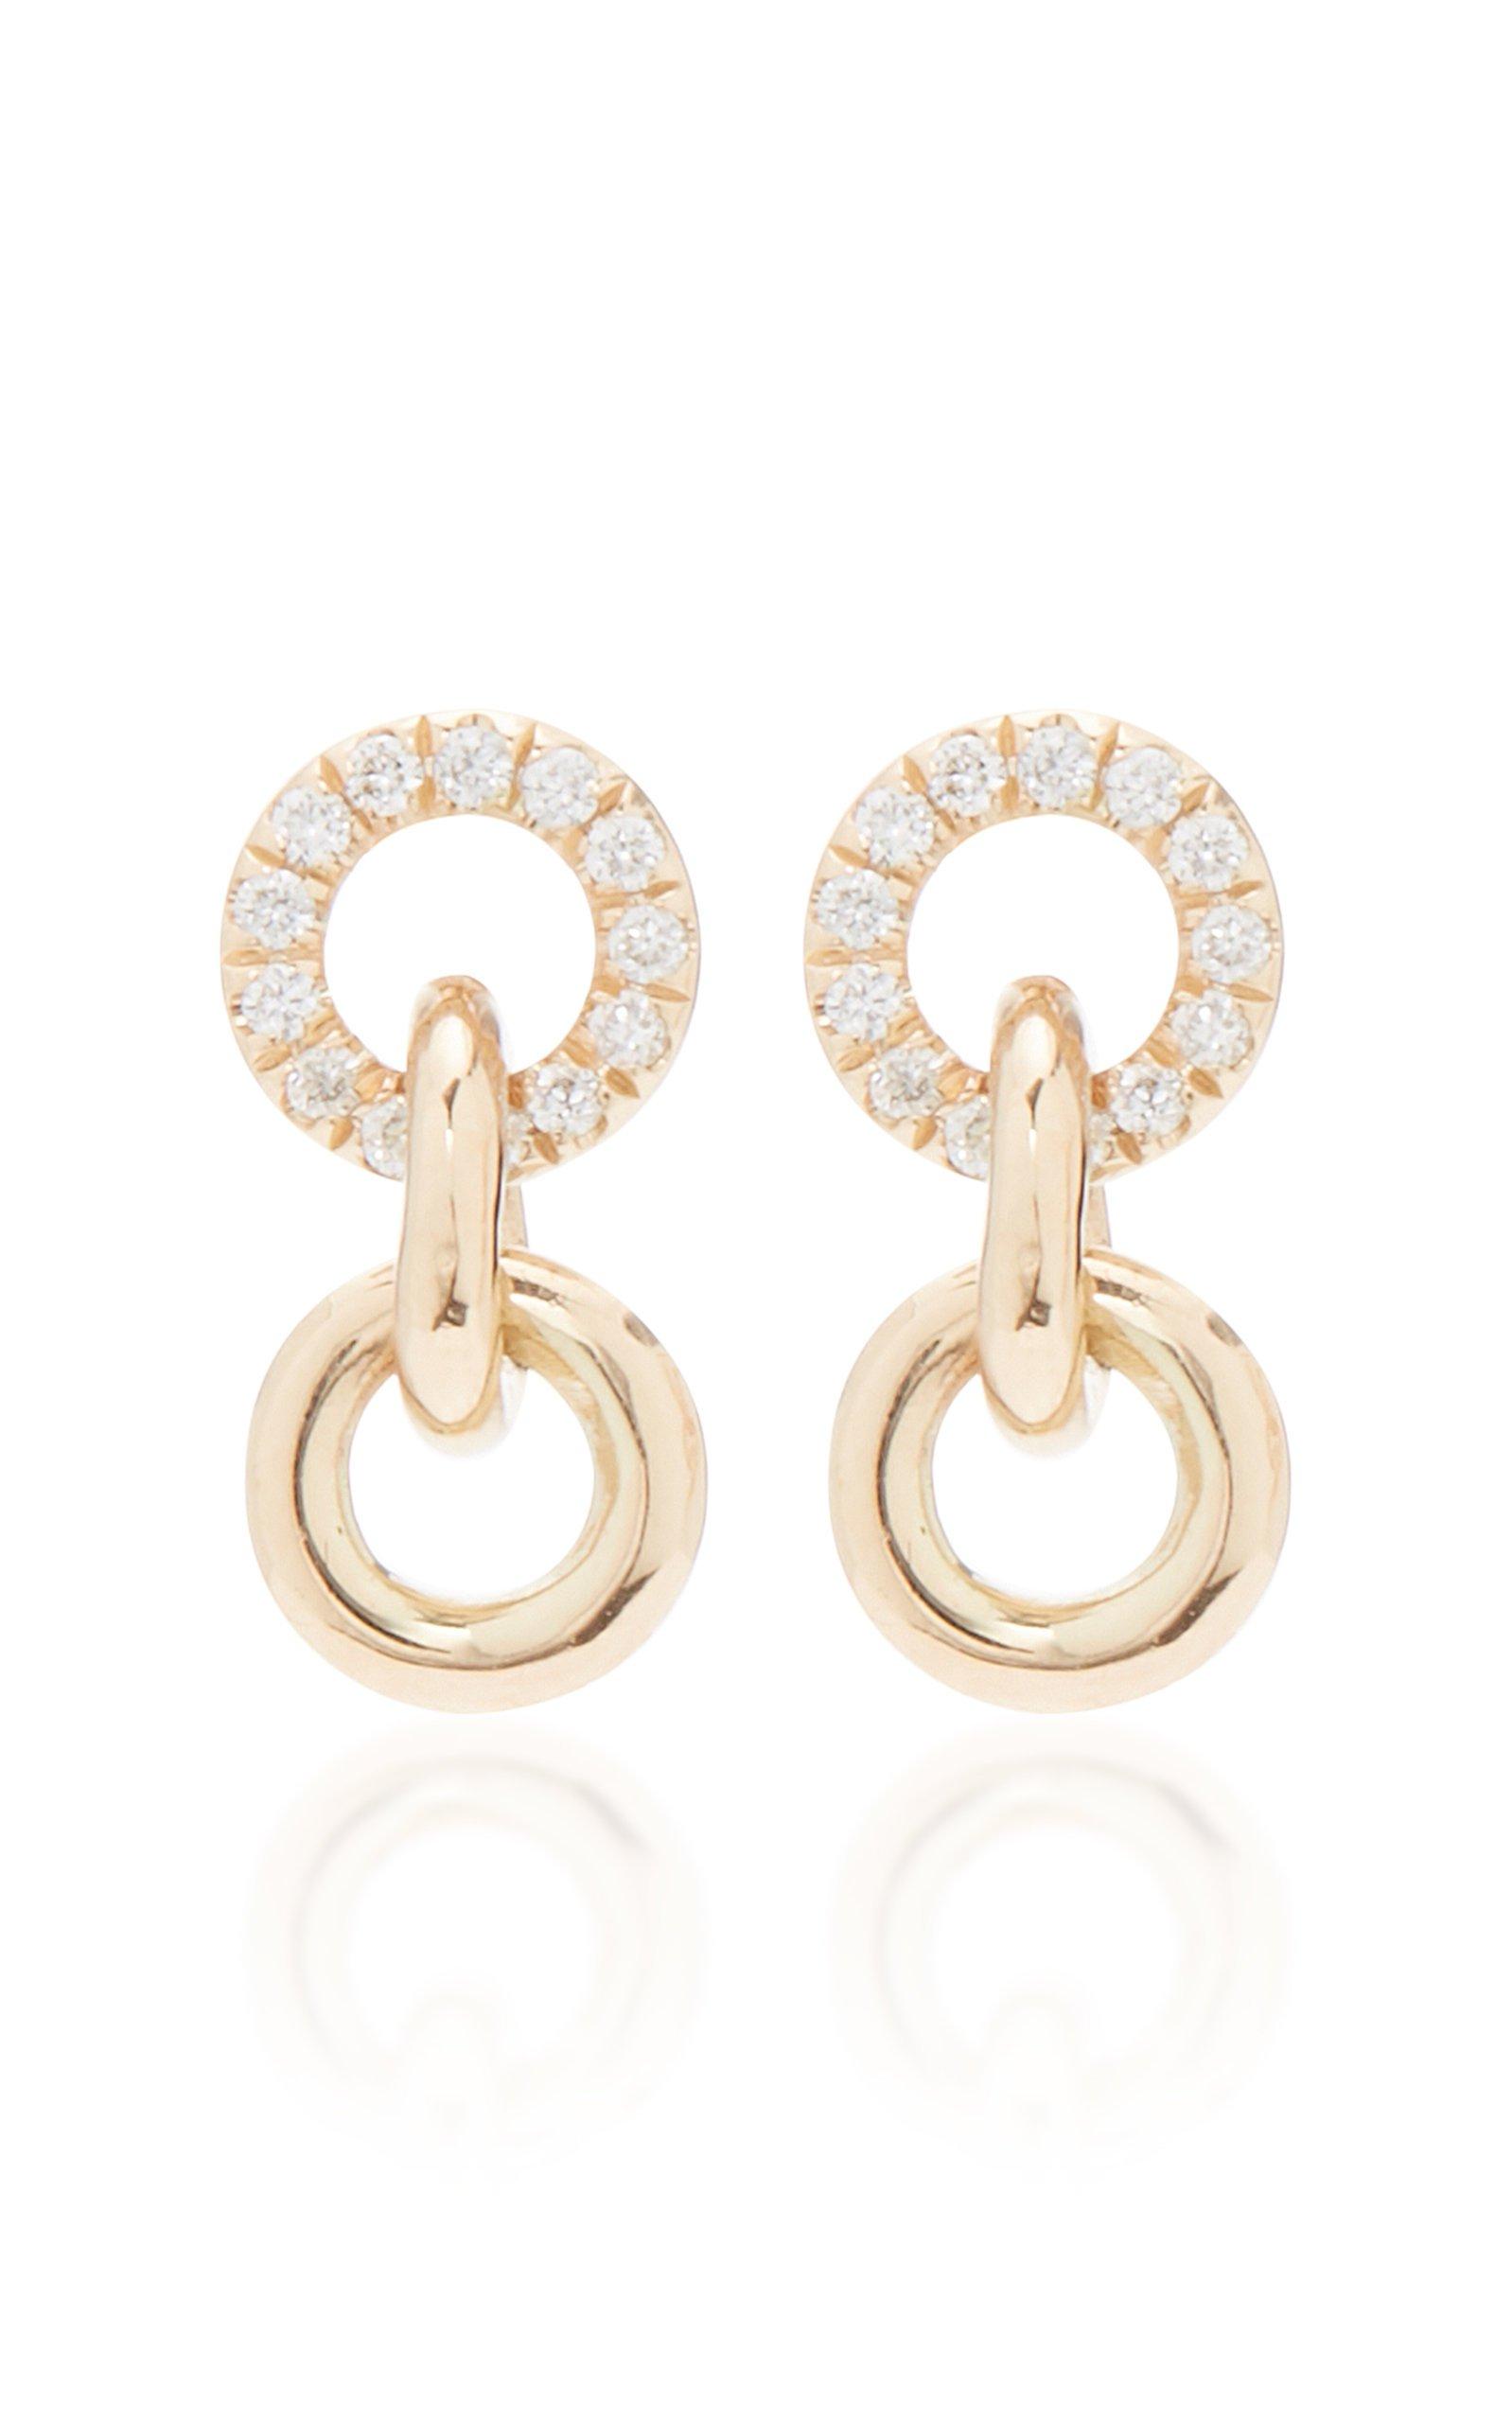 Sophie Ratner 14K Gold Diamond Earrings